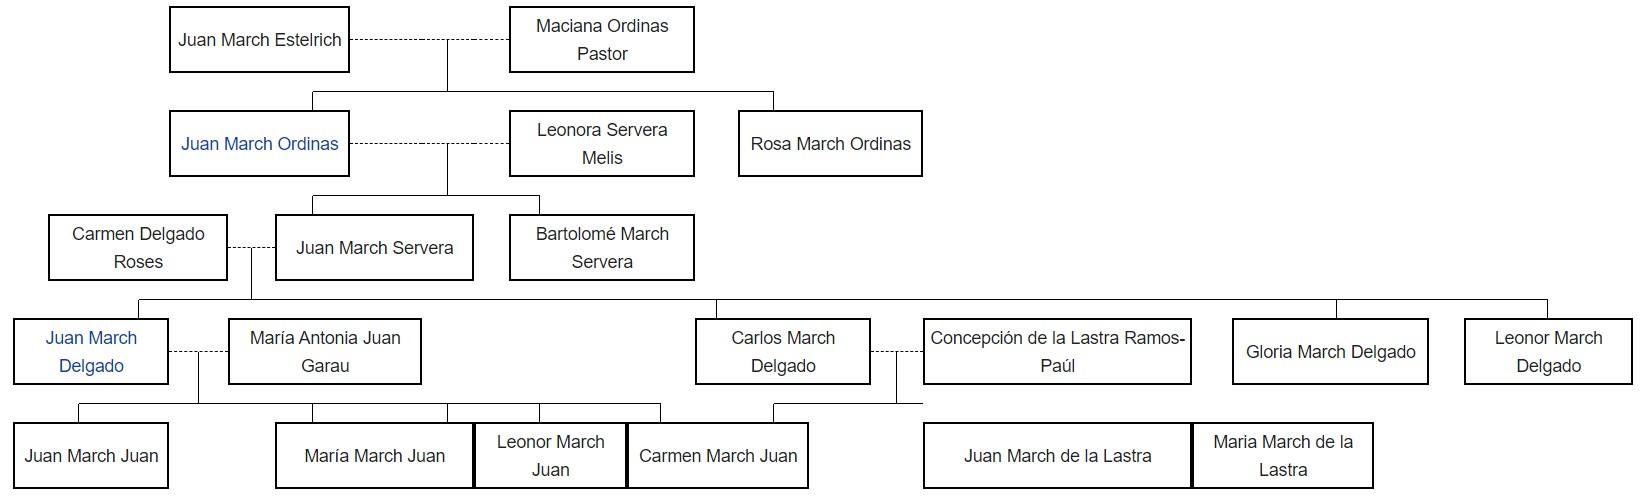 marchs